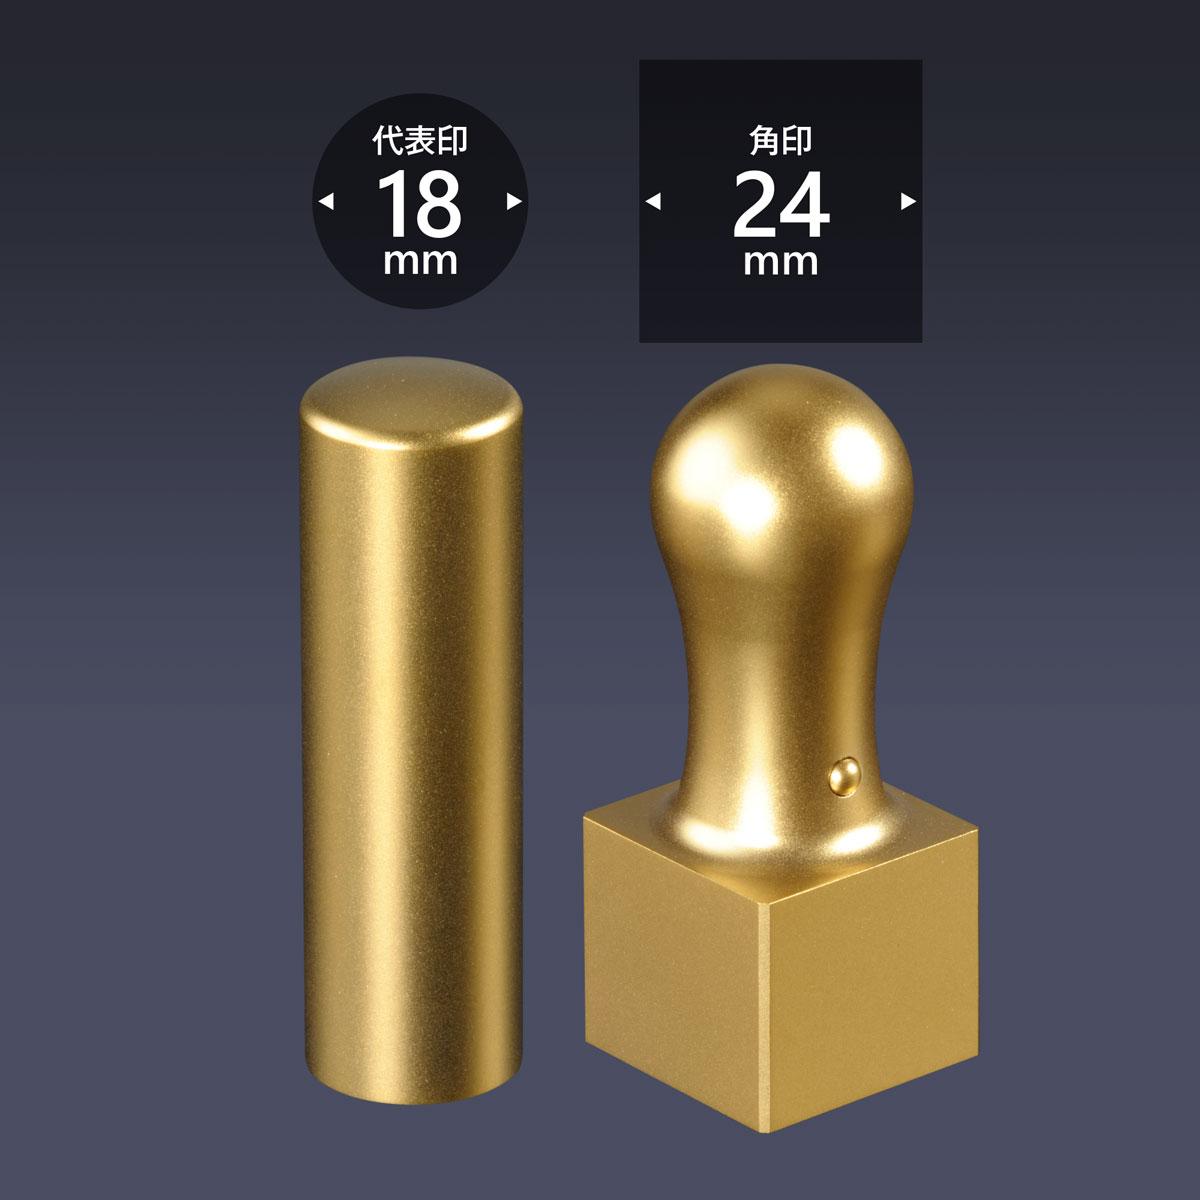 会社印 ブラストチタン(ゴールド)2本A24セット/ 法人 会社設立 実印 銀行印 角印 女性 法人印鑑 社印